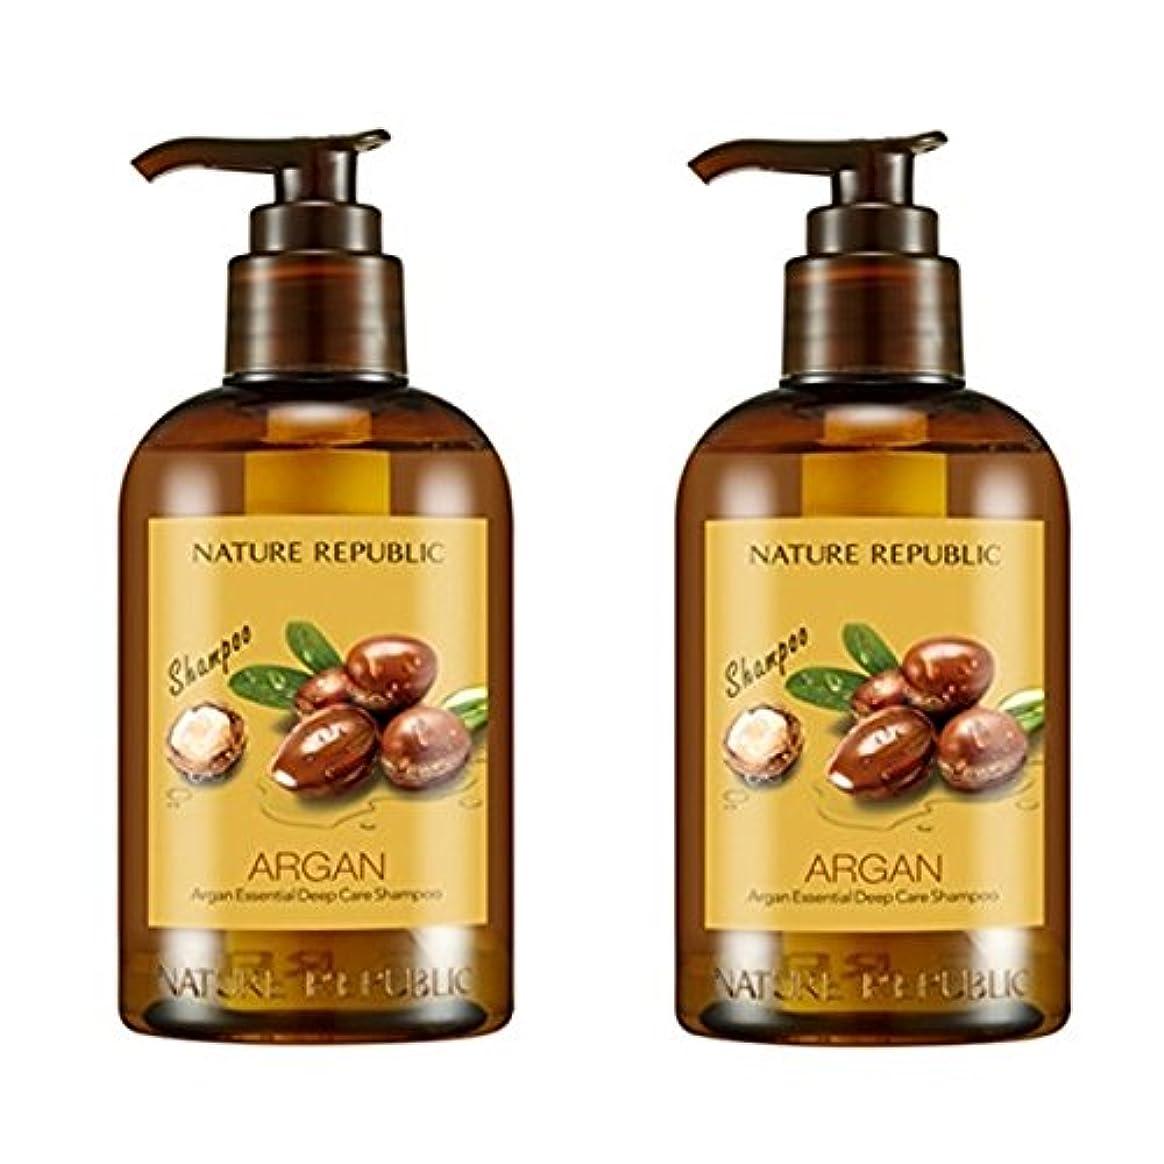 はい第二モネネイチャーリパブリック(NATURE REPUBLIC) アルガン エッセンシャル ディープ ケア シャンプー x 2本 (Argan Essential Deep Care Shampoo x2pcs Set) [並行輸入品]